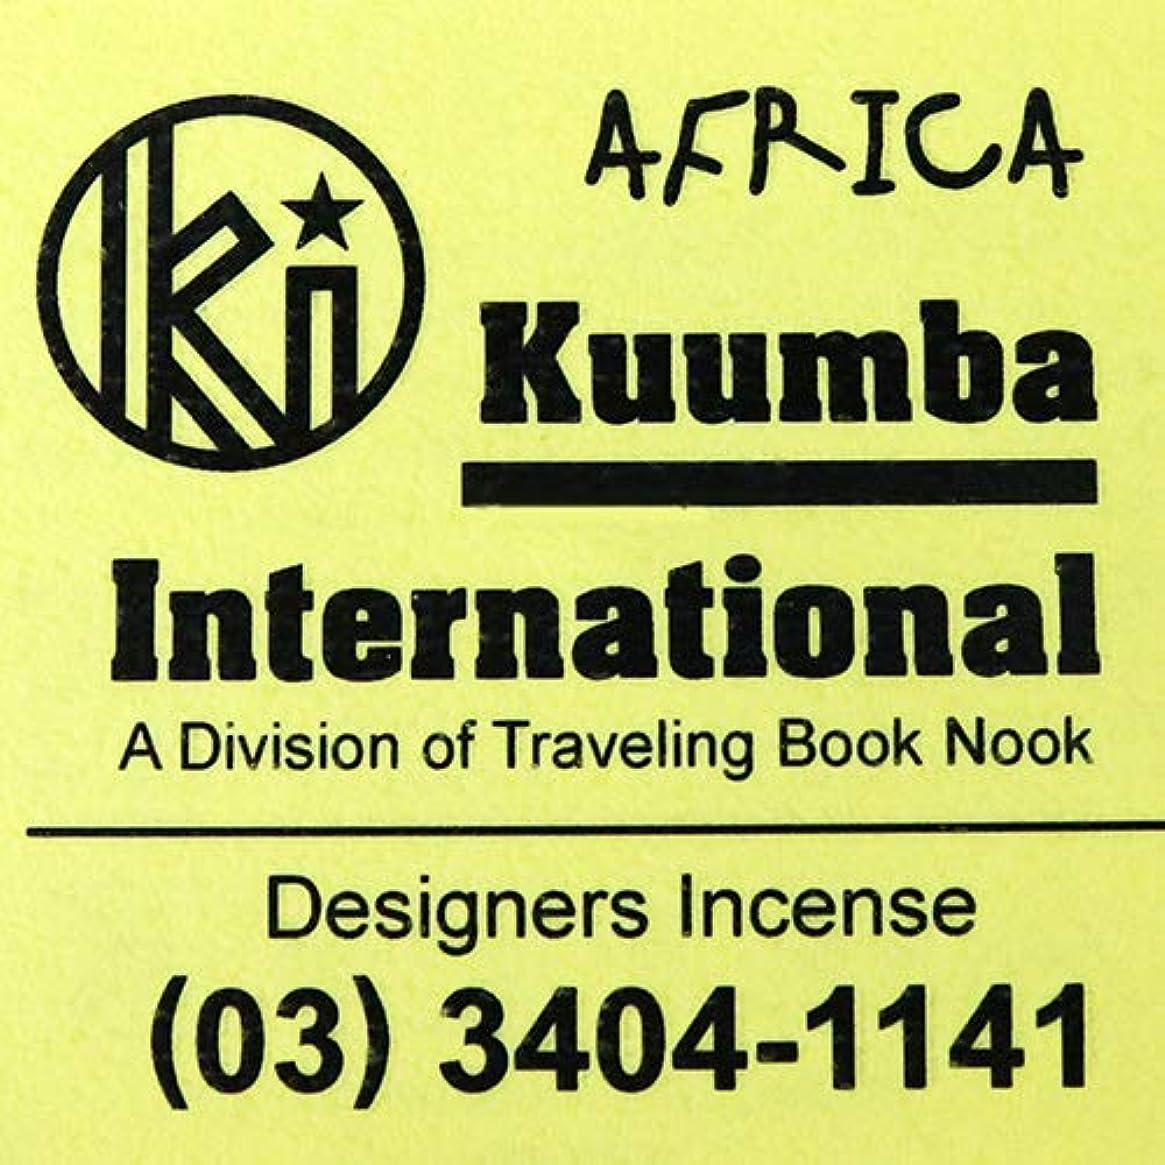 悪性腫瘍泳ぐご予約(クンバ) KUUMBA『incense』(AFRICA) (AFRICA, Regular size)